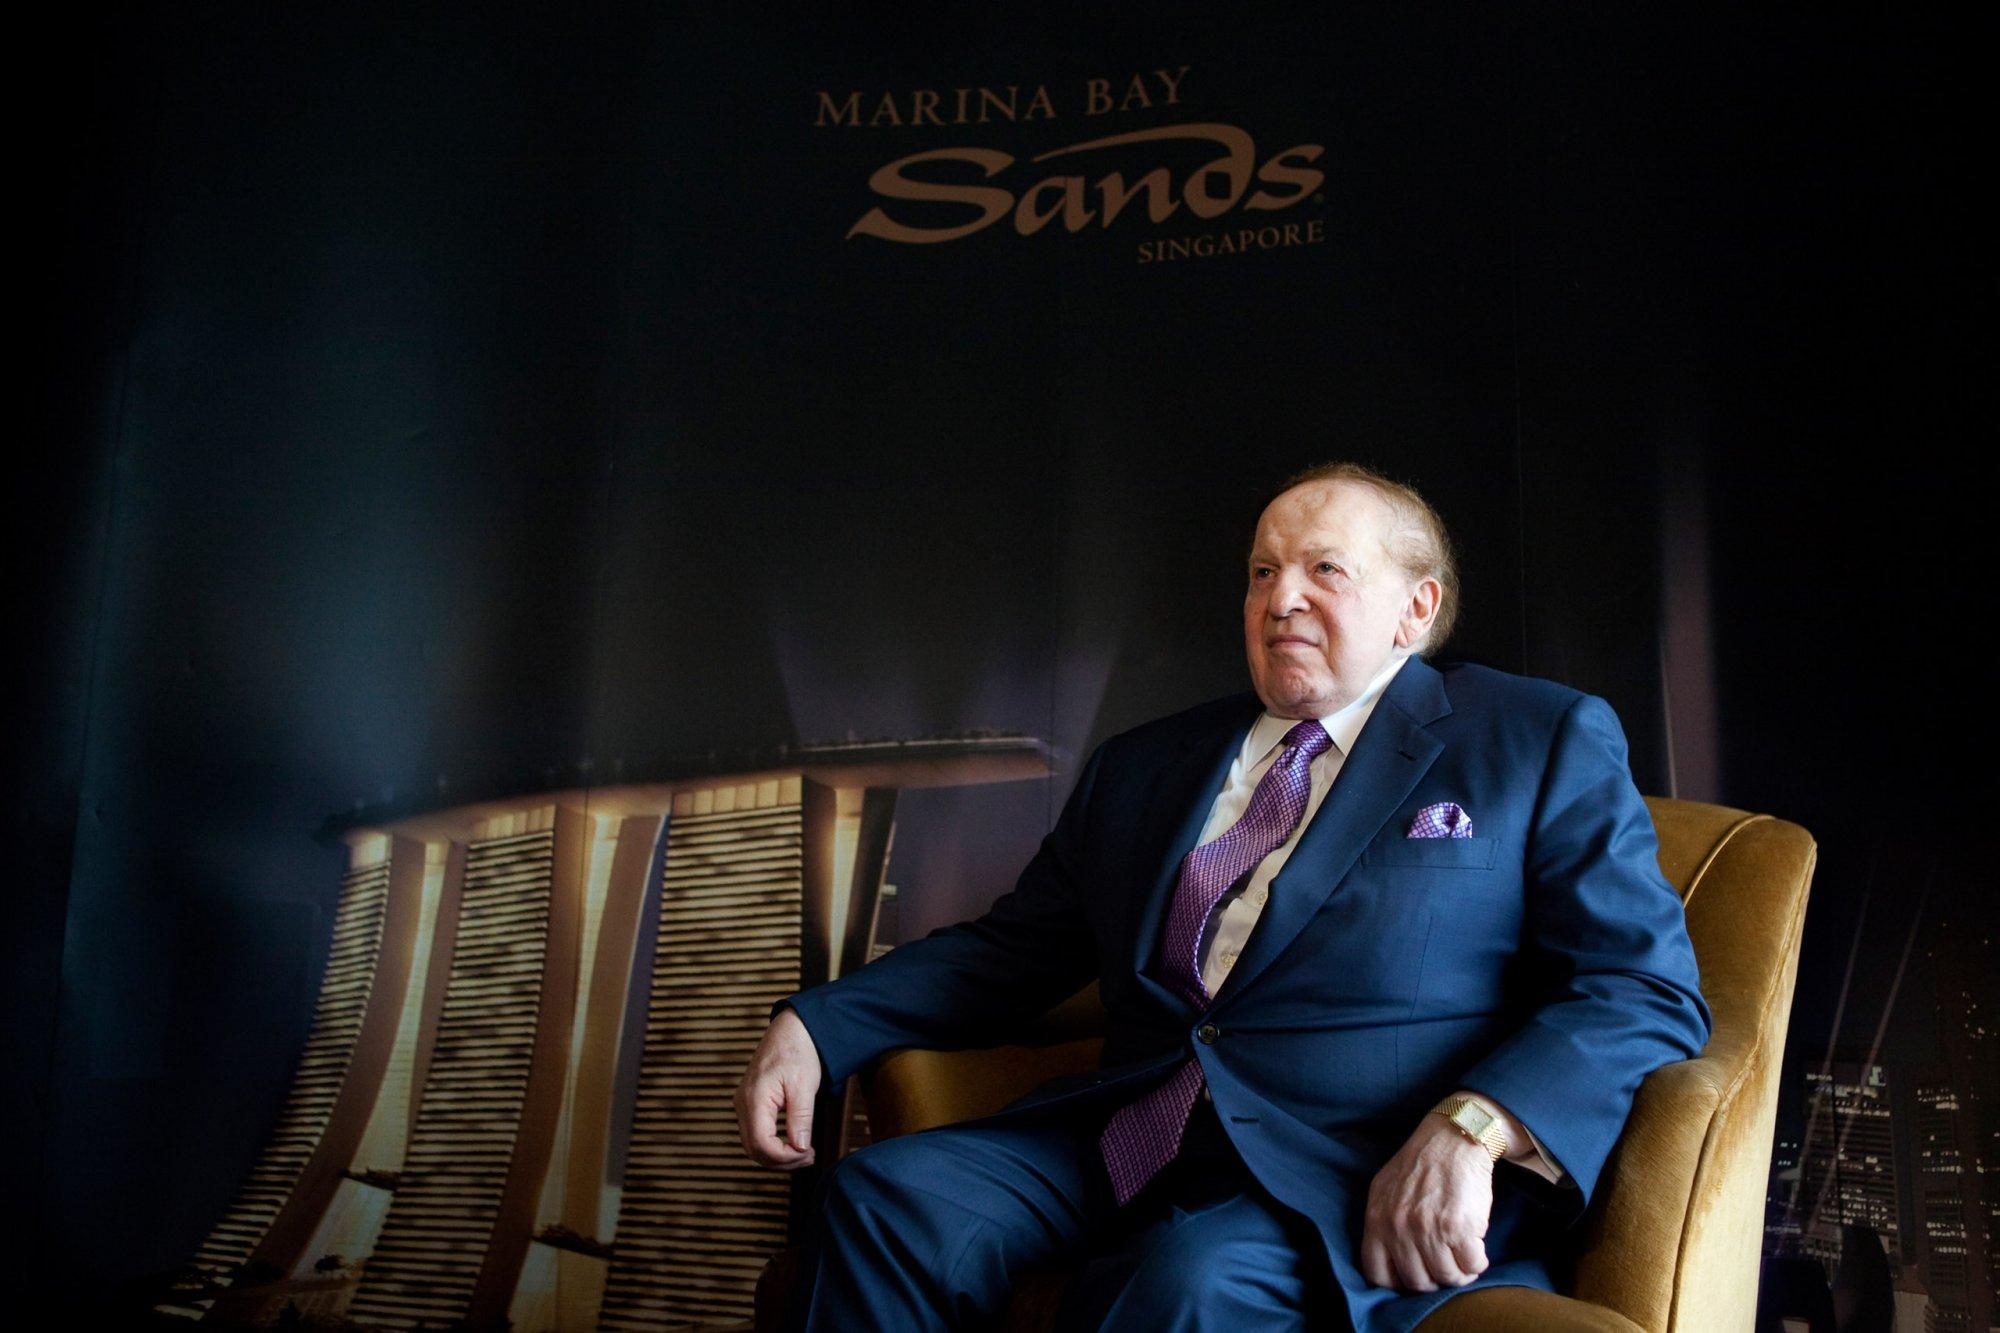 15 цитат миллиардеров, которые изменят ваше отношение к деньгам - Шелдон Адельсон, Las Vegas Sands Corporation